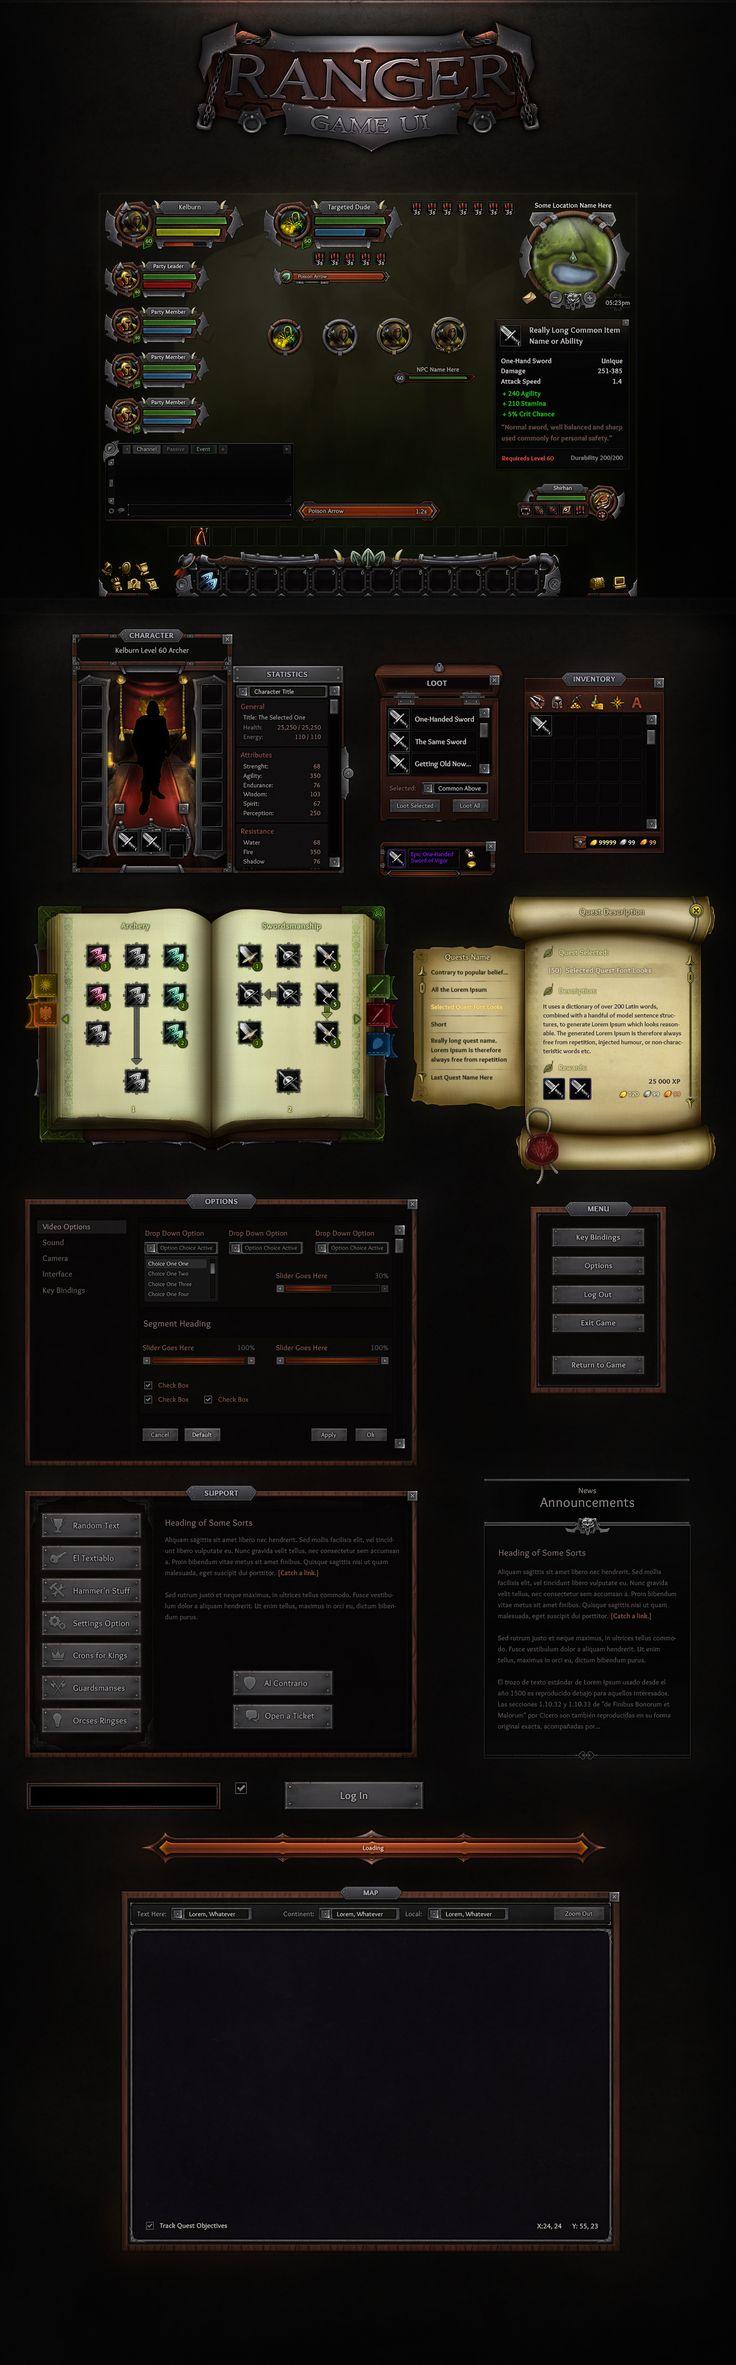 Ranger GUI by VengeanceMK1 on DeviantArt